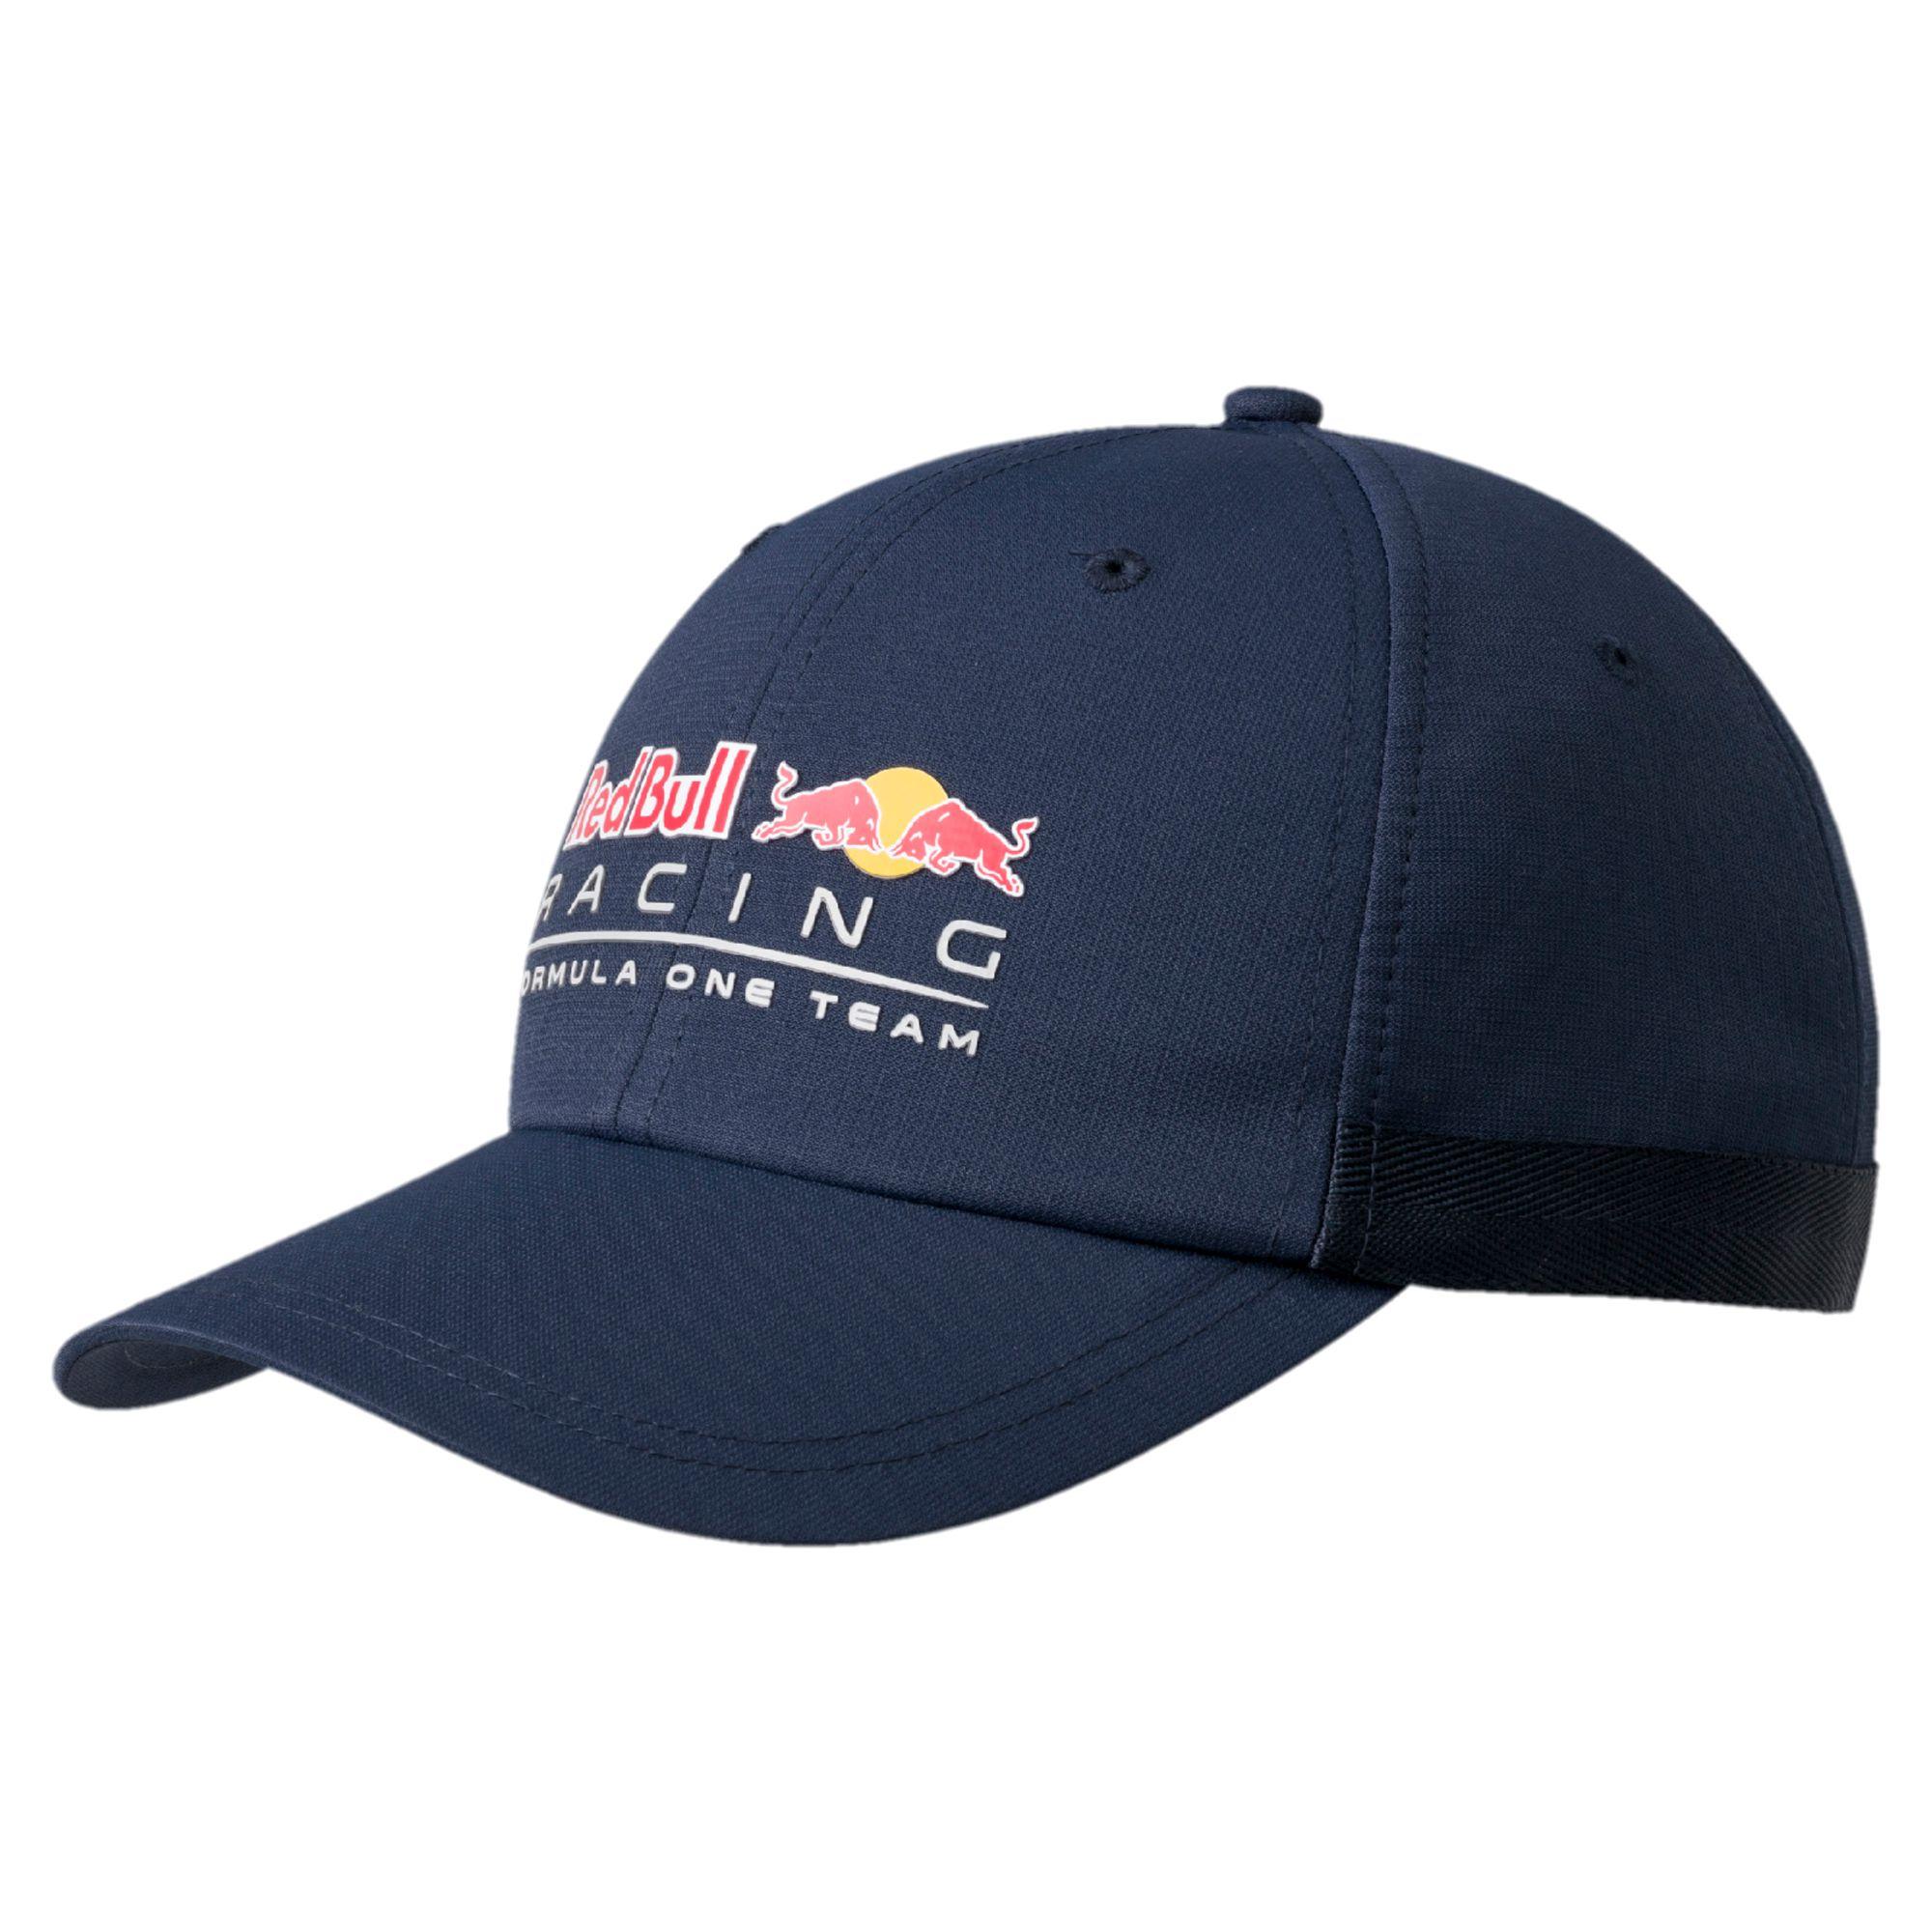 Lifestyle Red Bull Racing Cap